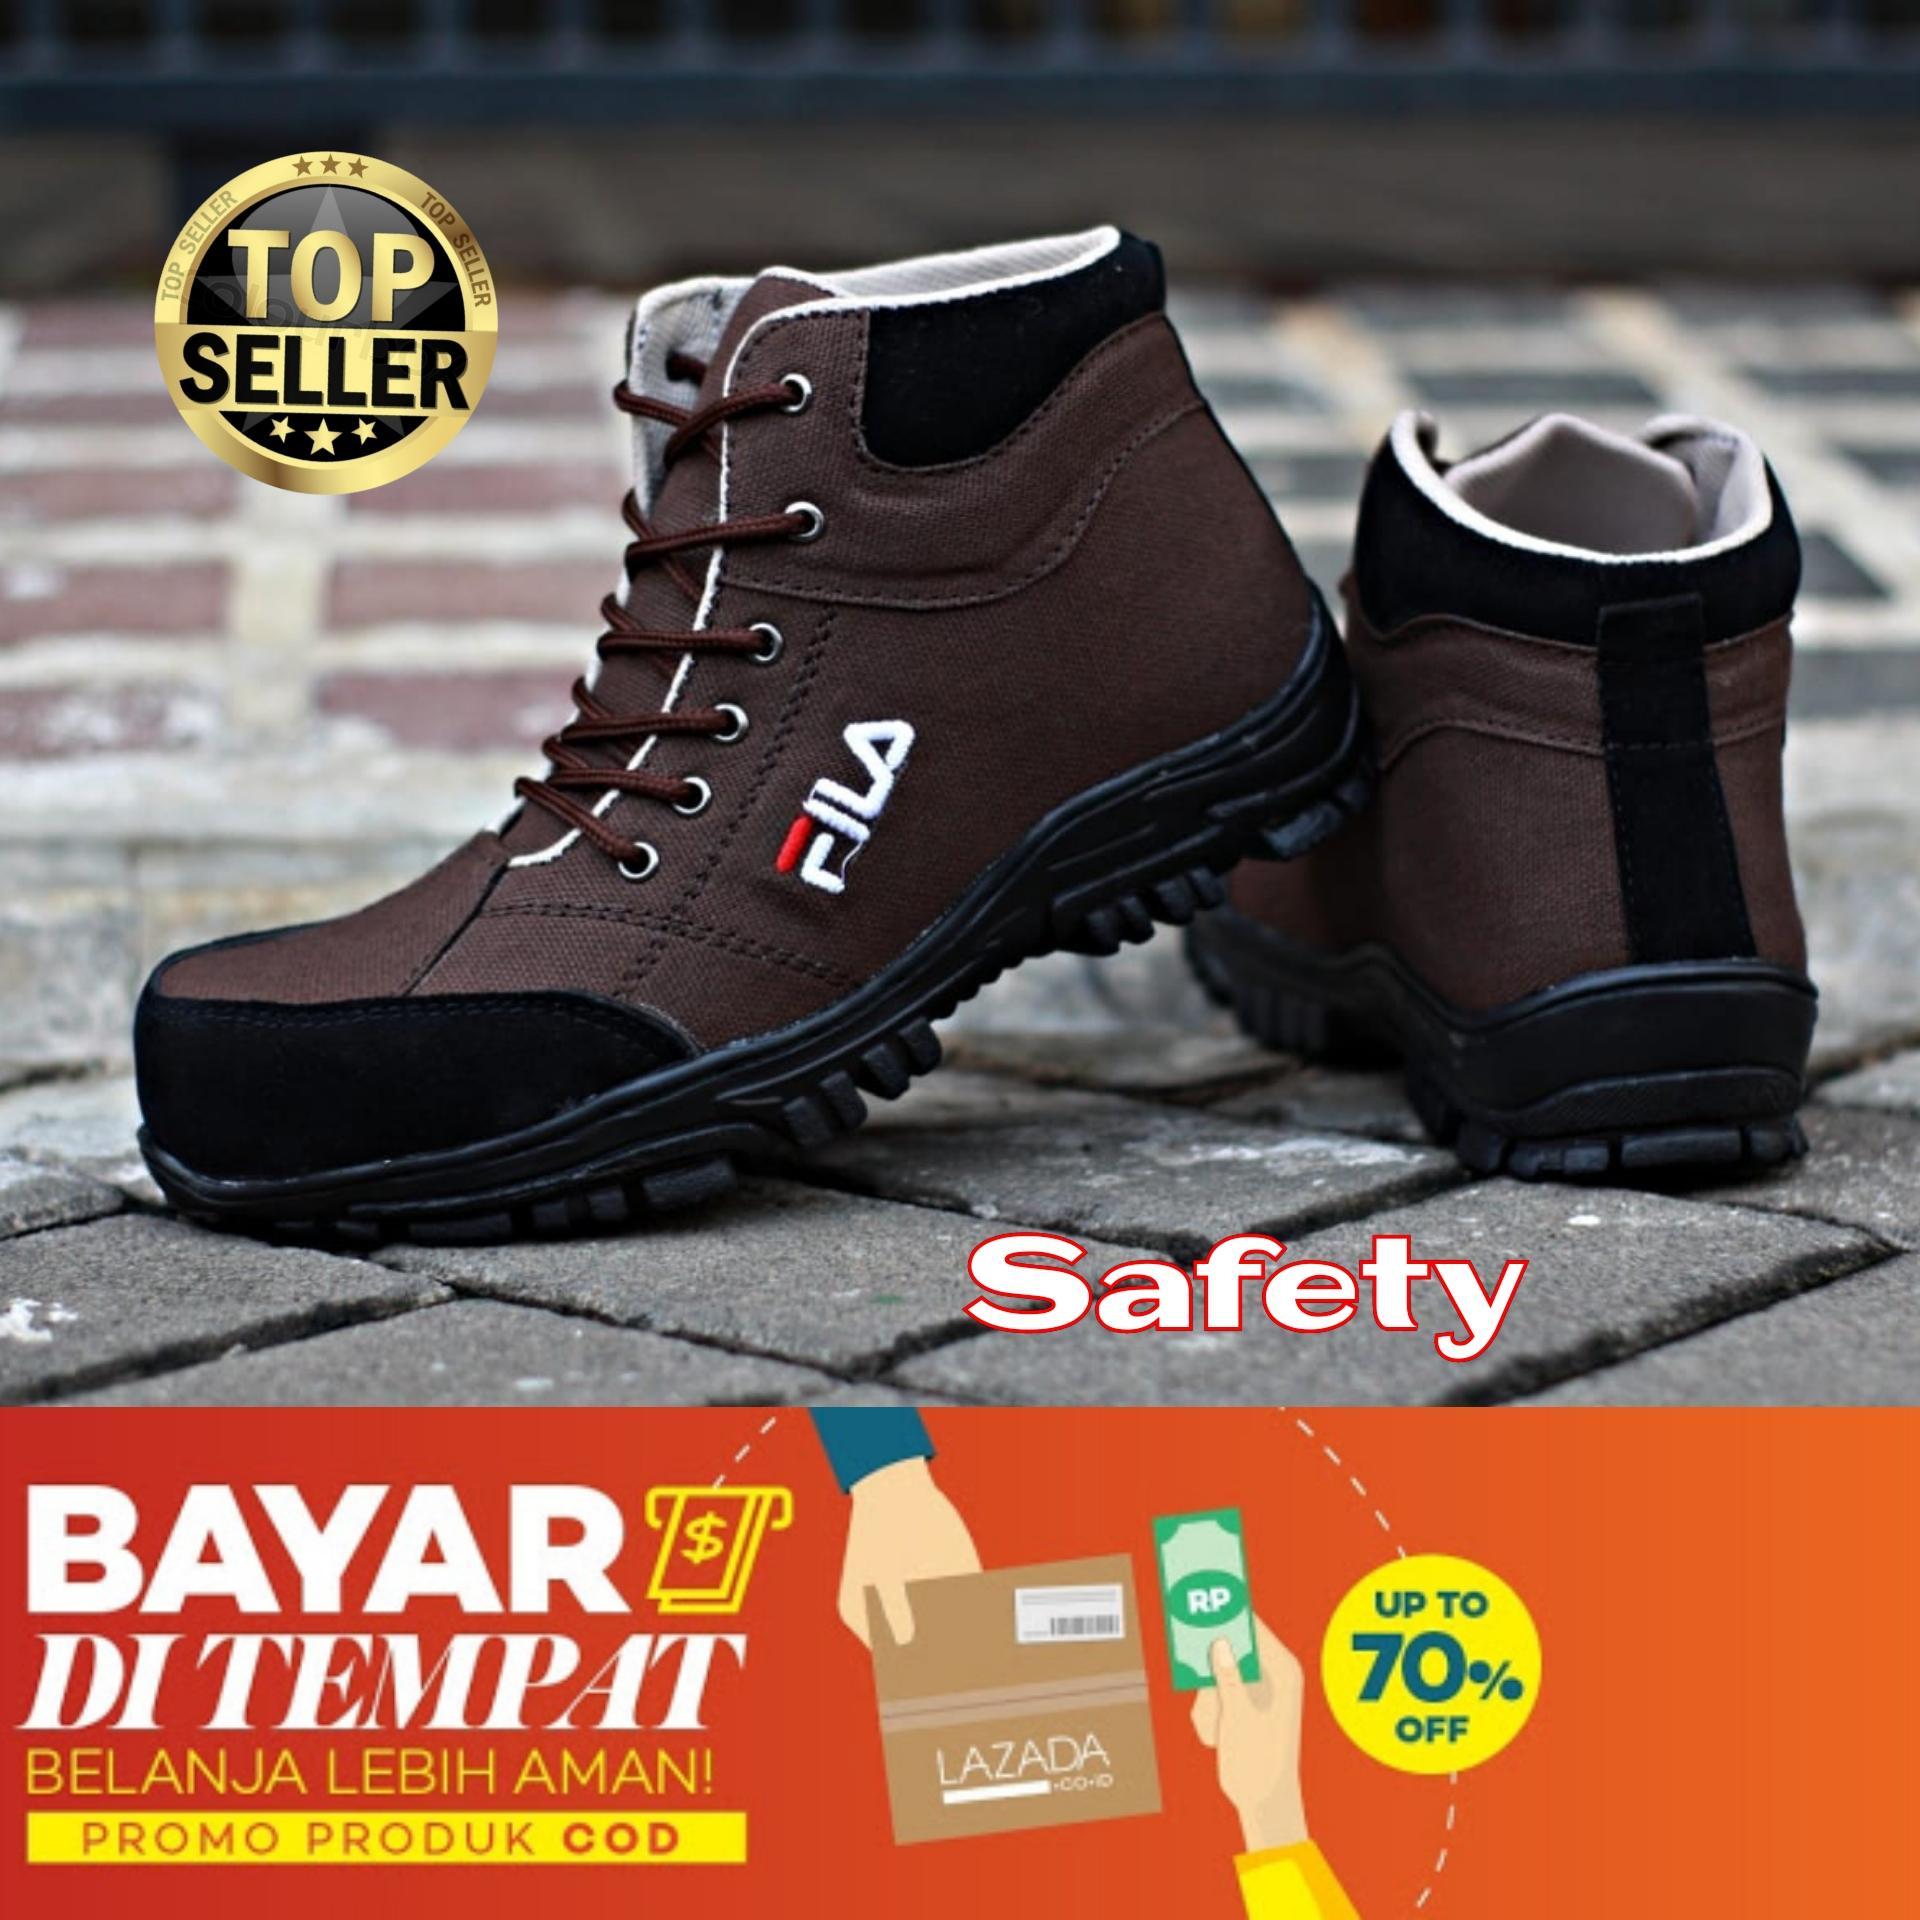 Sepatu Tracking Boots Safety Fila Sepatu gunung Hiking Kerja proyek safety shoes kerja lapangan Casual Sneakers Olahraga sepatu Pdl Pdh boot ujung besi pria bayar di tempat